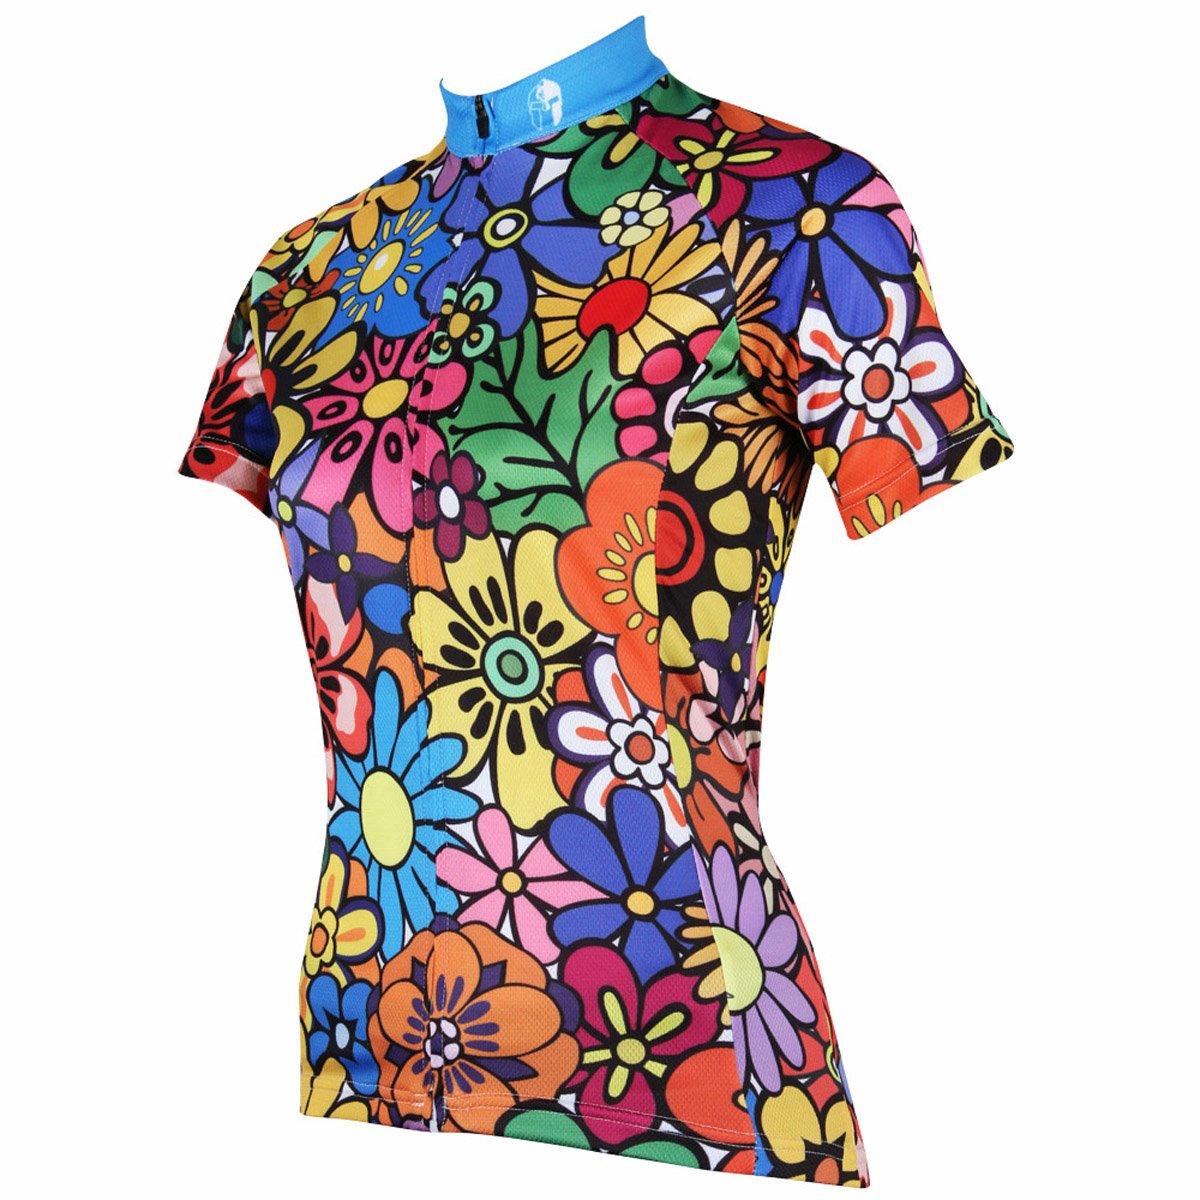 ILPALADINO Womens Cycling Jersey Short Sleeve Biking Shirts Colorful Flowers